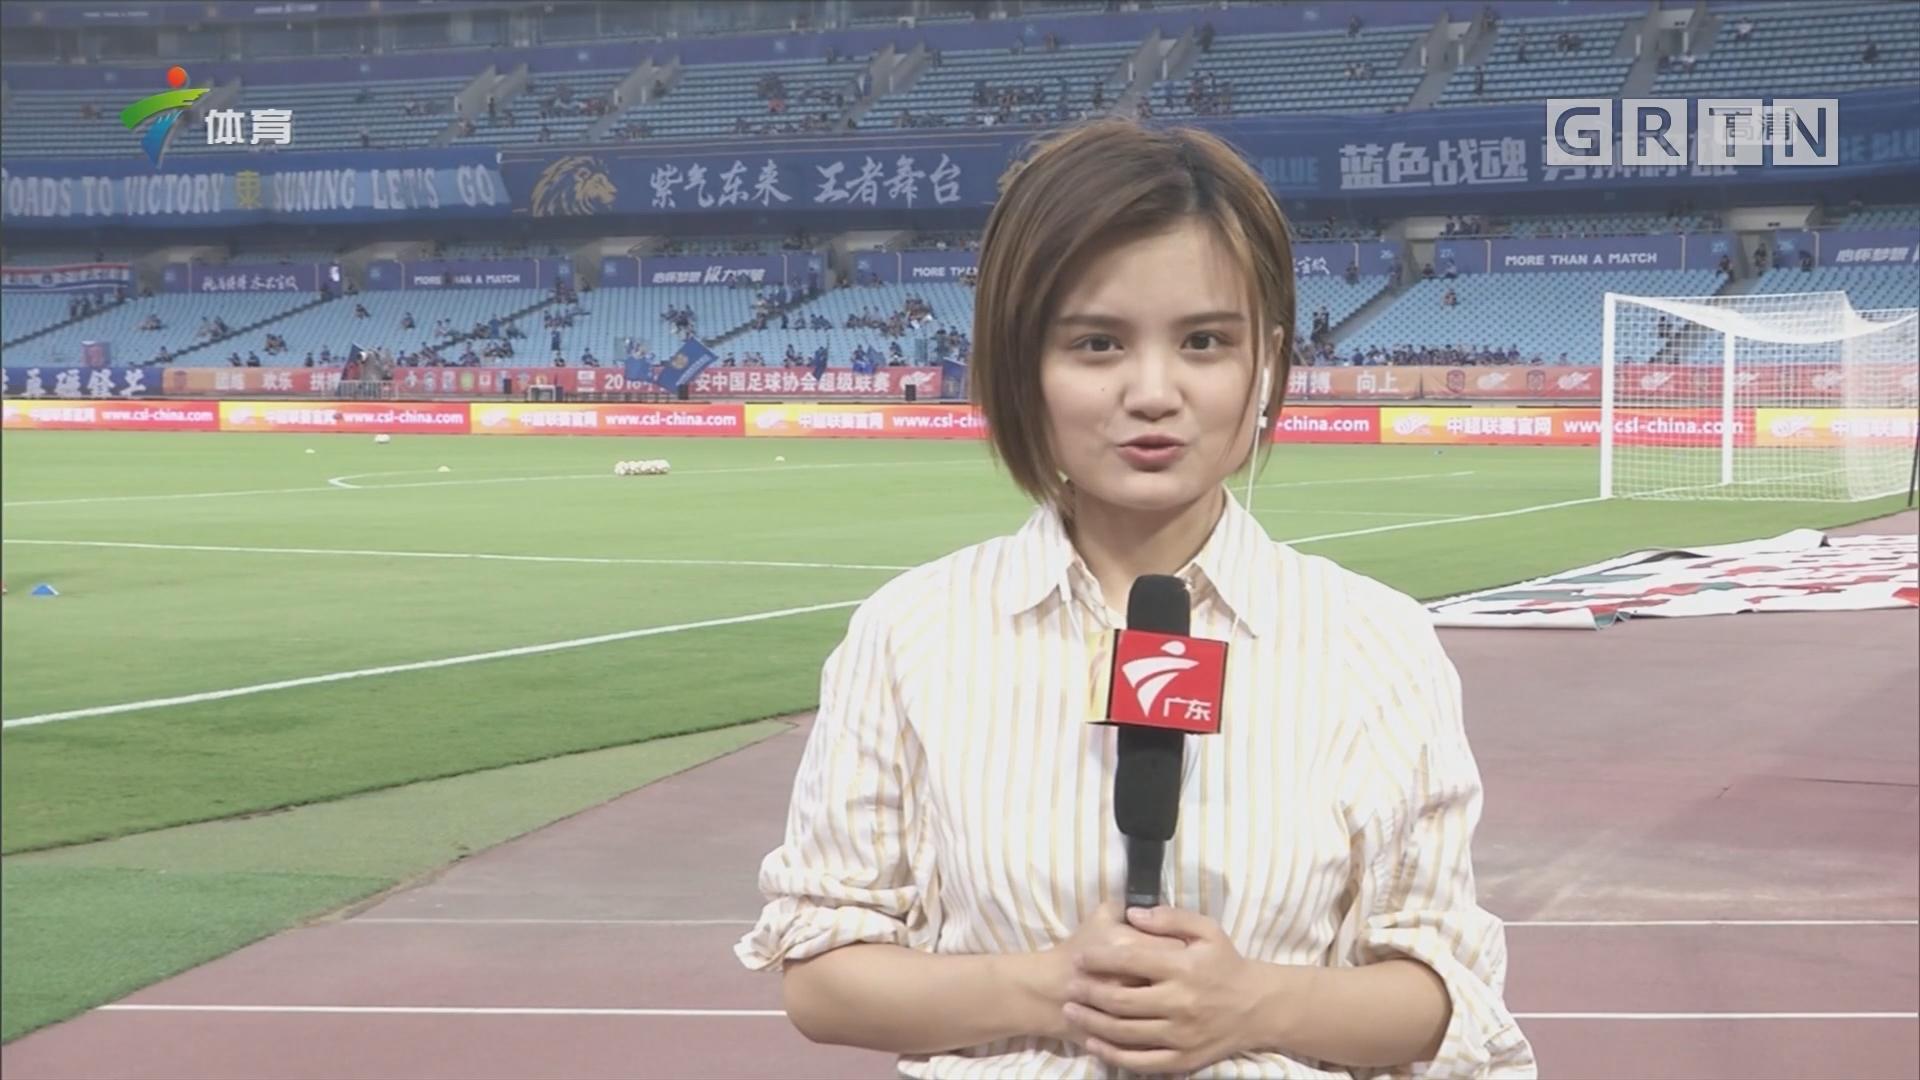 记者连线:广州富力挑战江苏苏宁